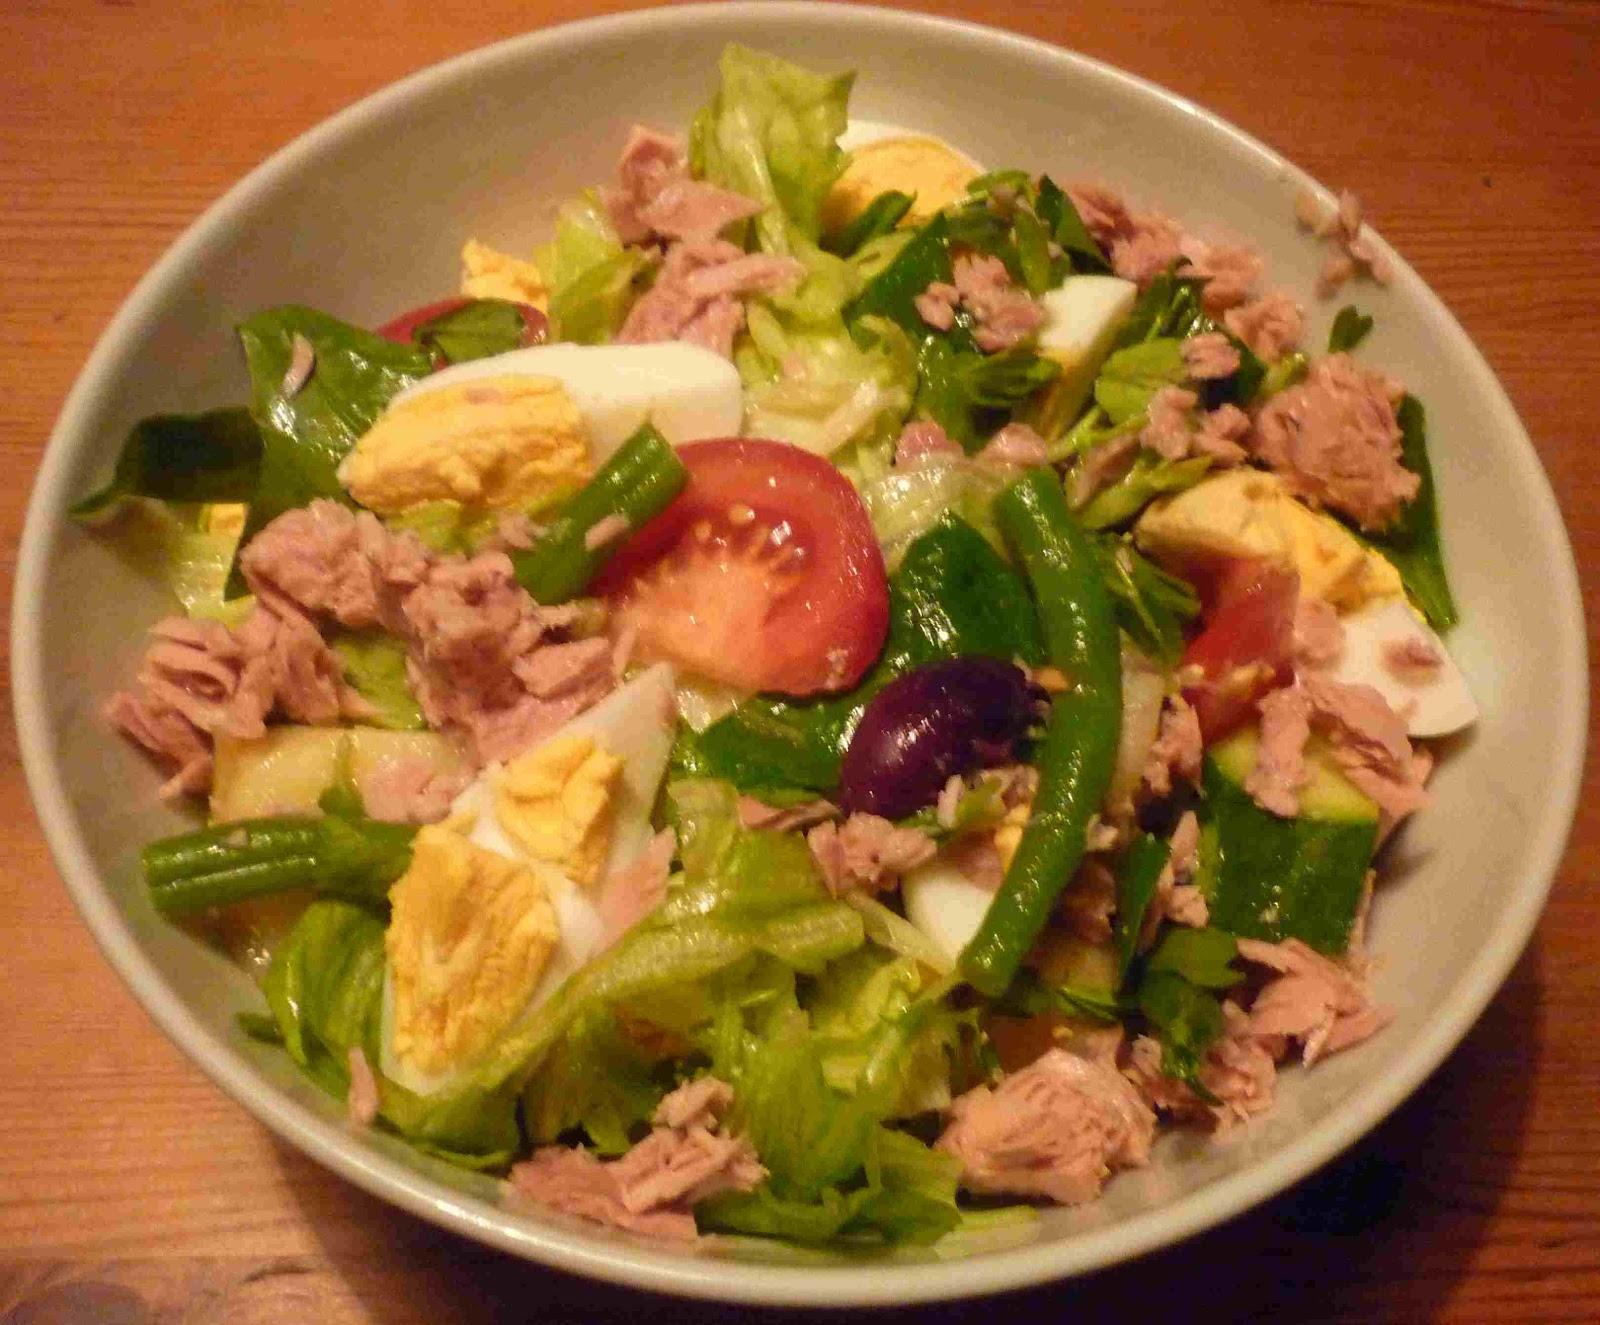 Salad Nicoise was our dinner last night.